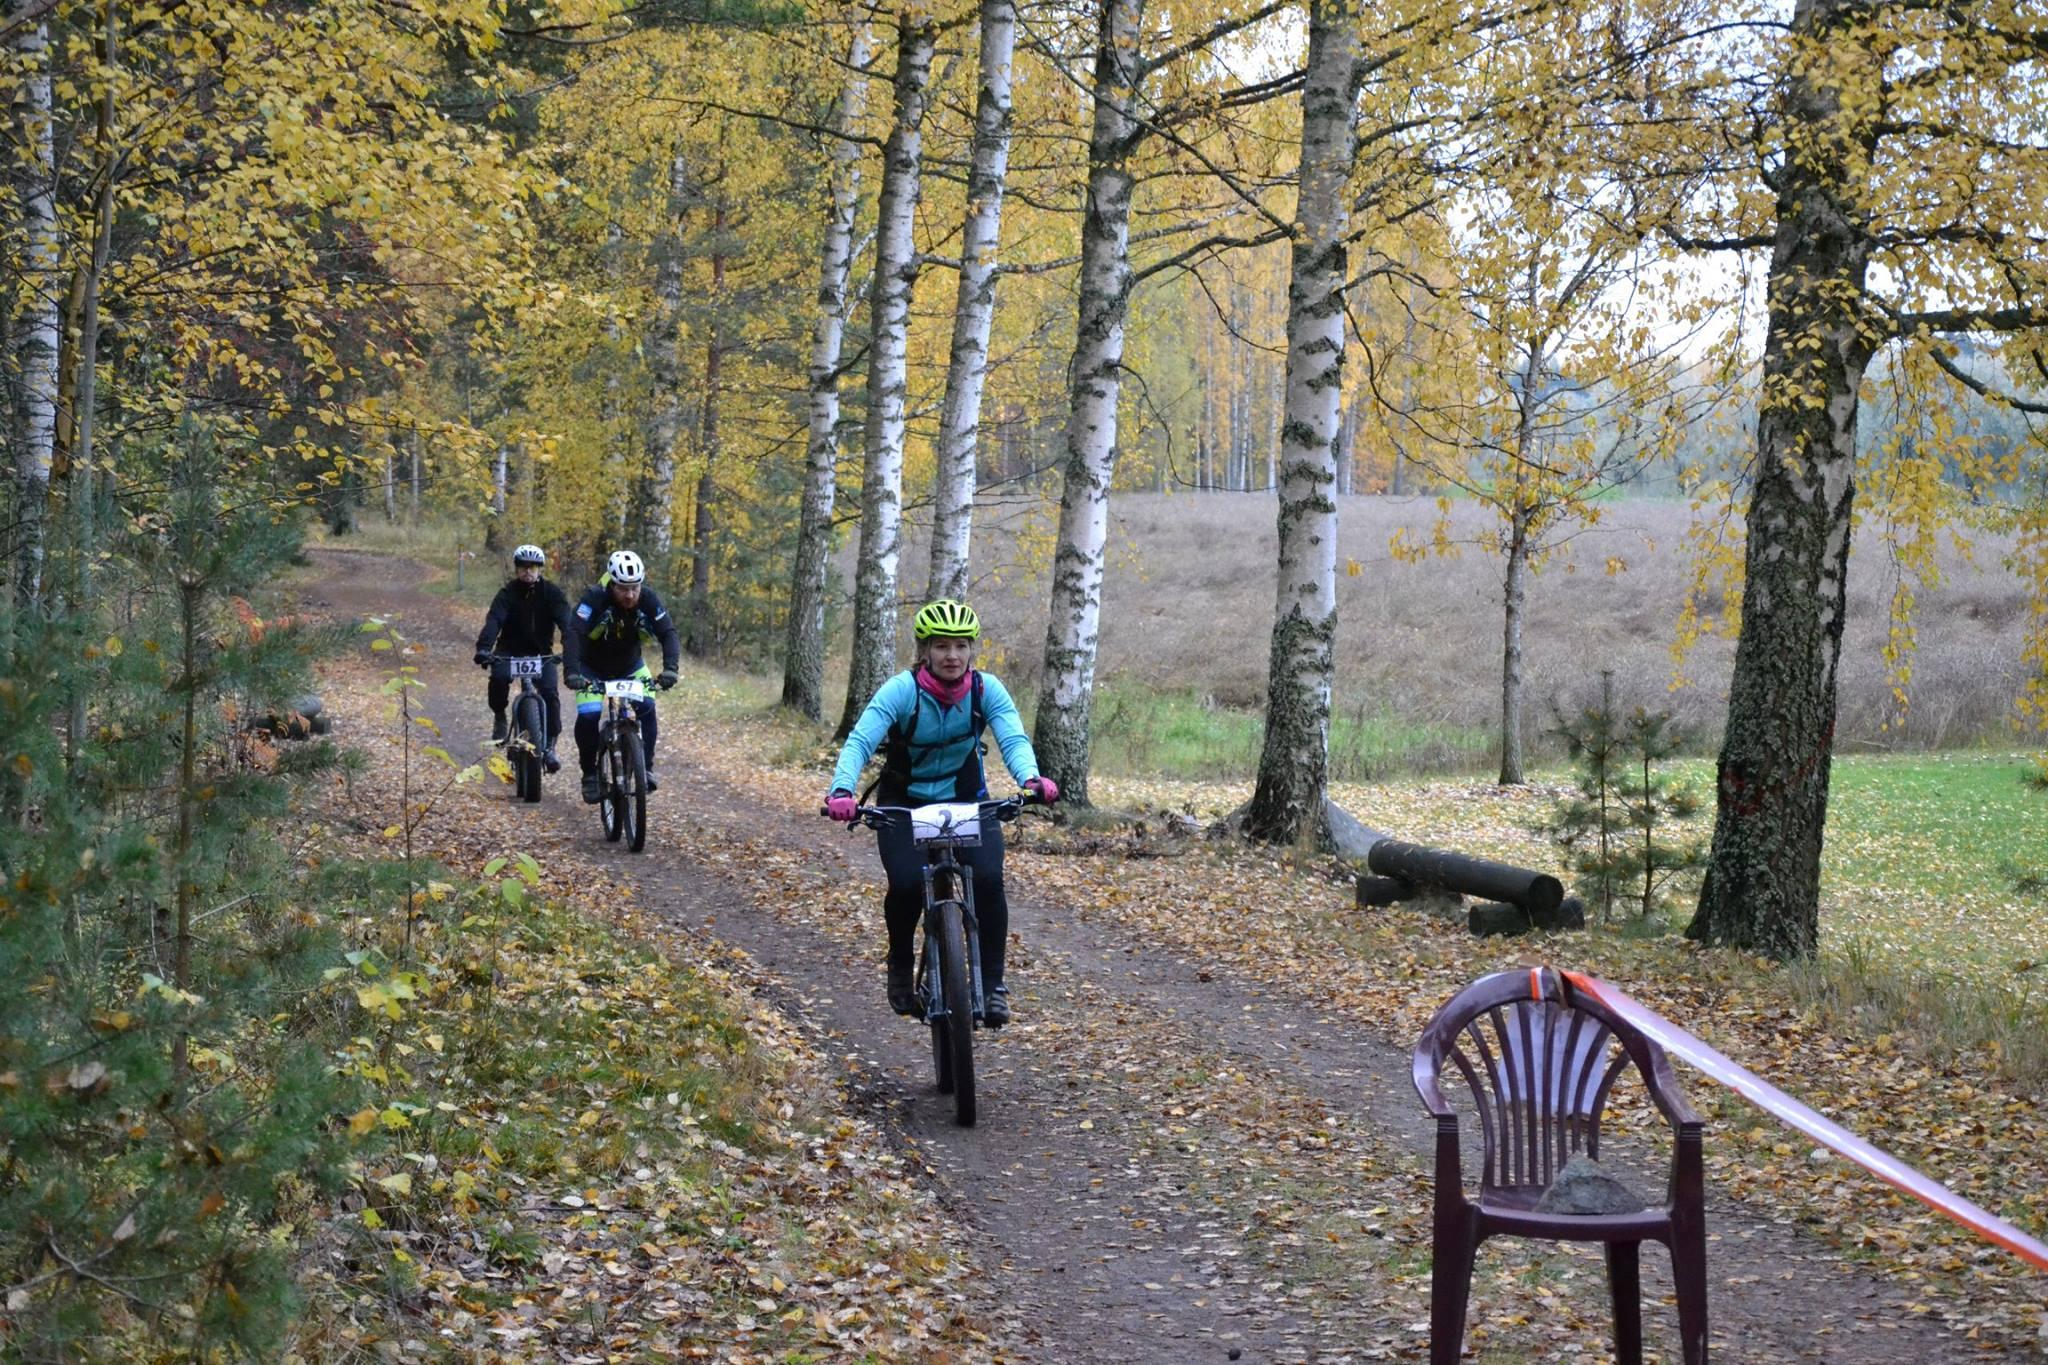 Maastopyöräilijät ajavat reitillä KiipMTB-kisassa.